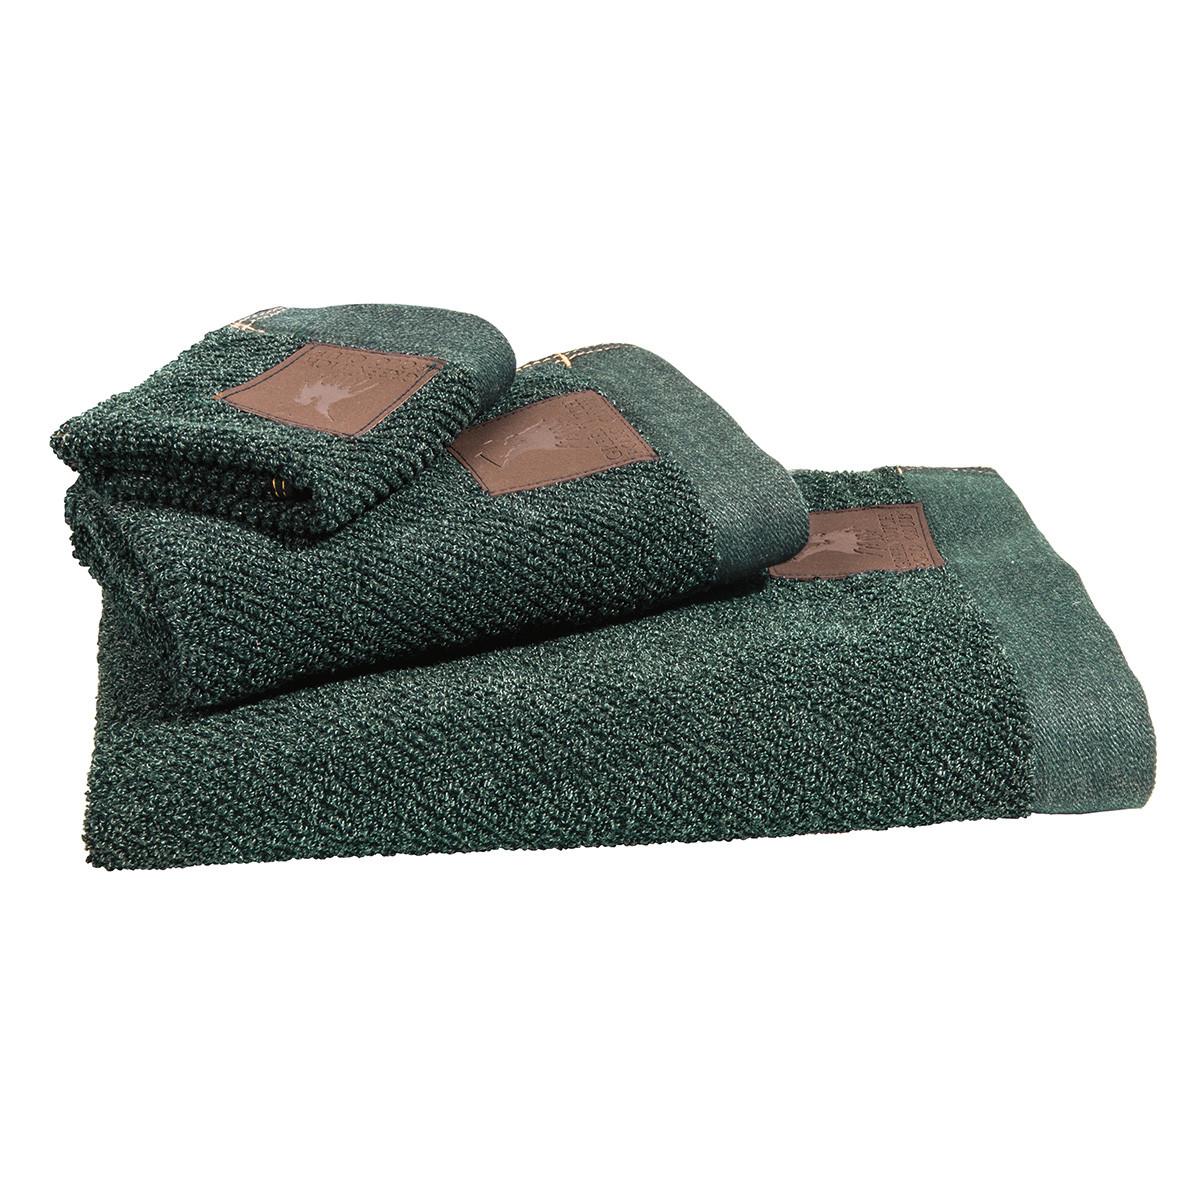 Πετσέτες Μπάνιου (Σετ 3τμχ) Polo Club Essential 2526